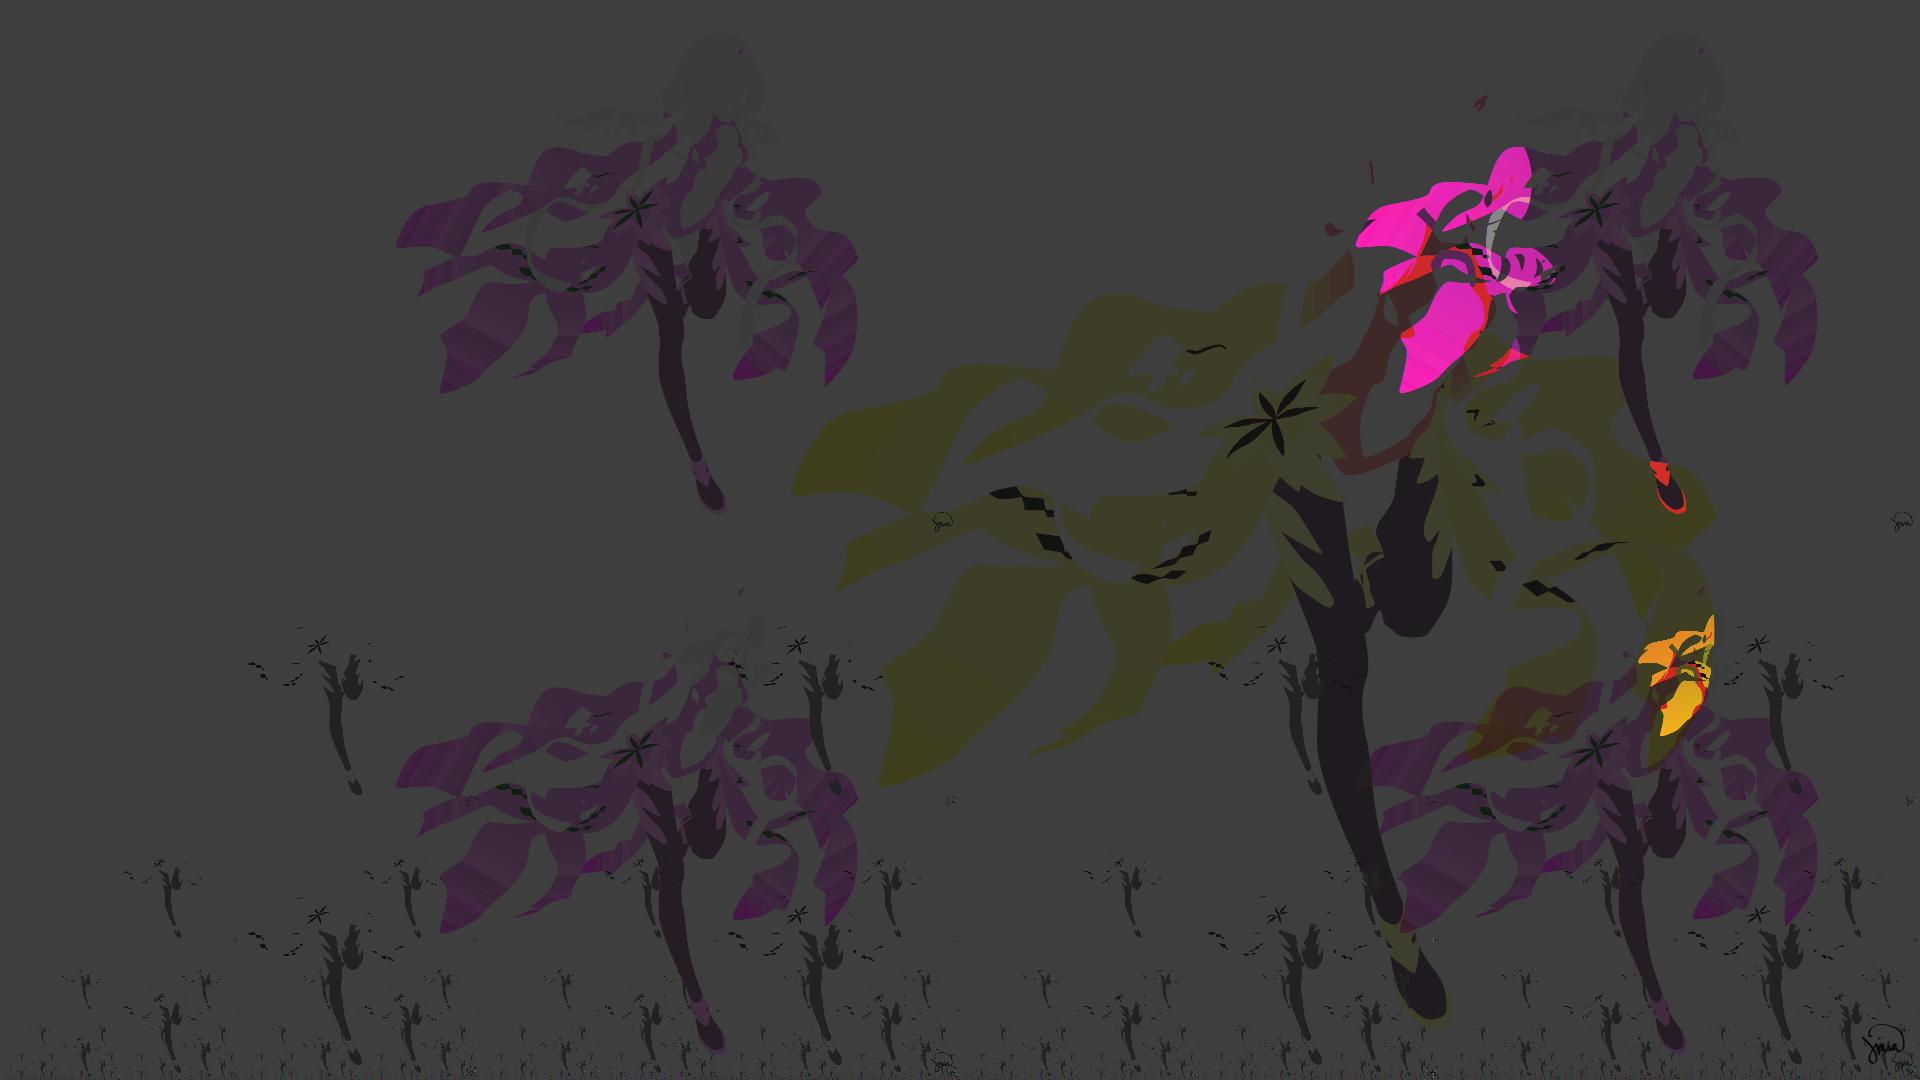 Test divers – glitch art © L'artboratoire